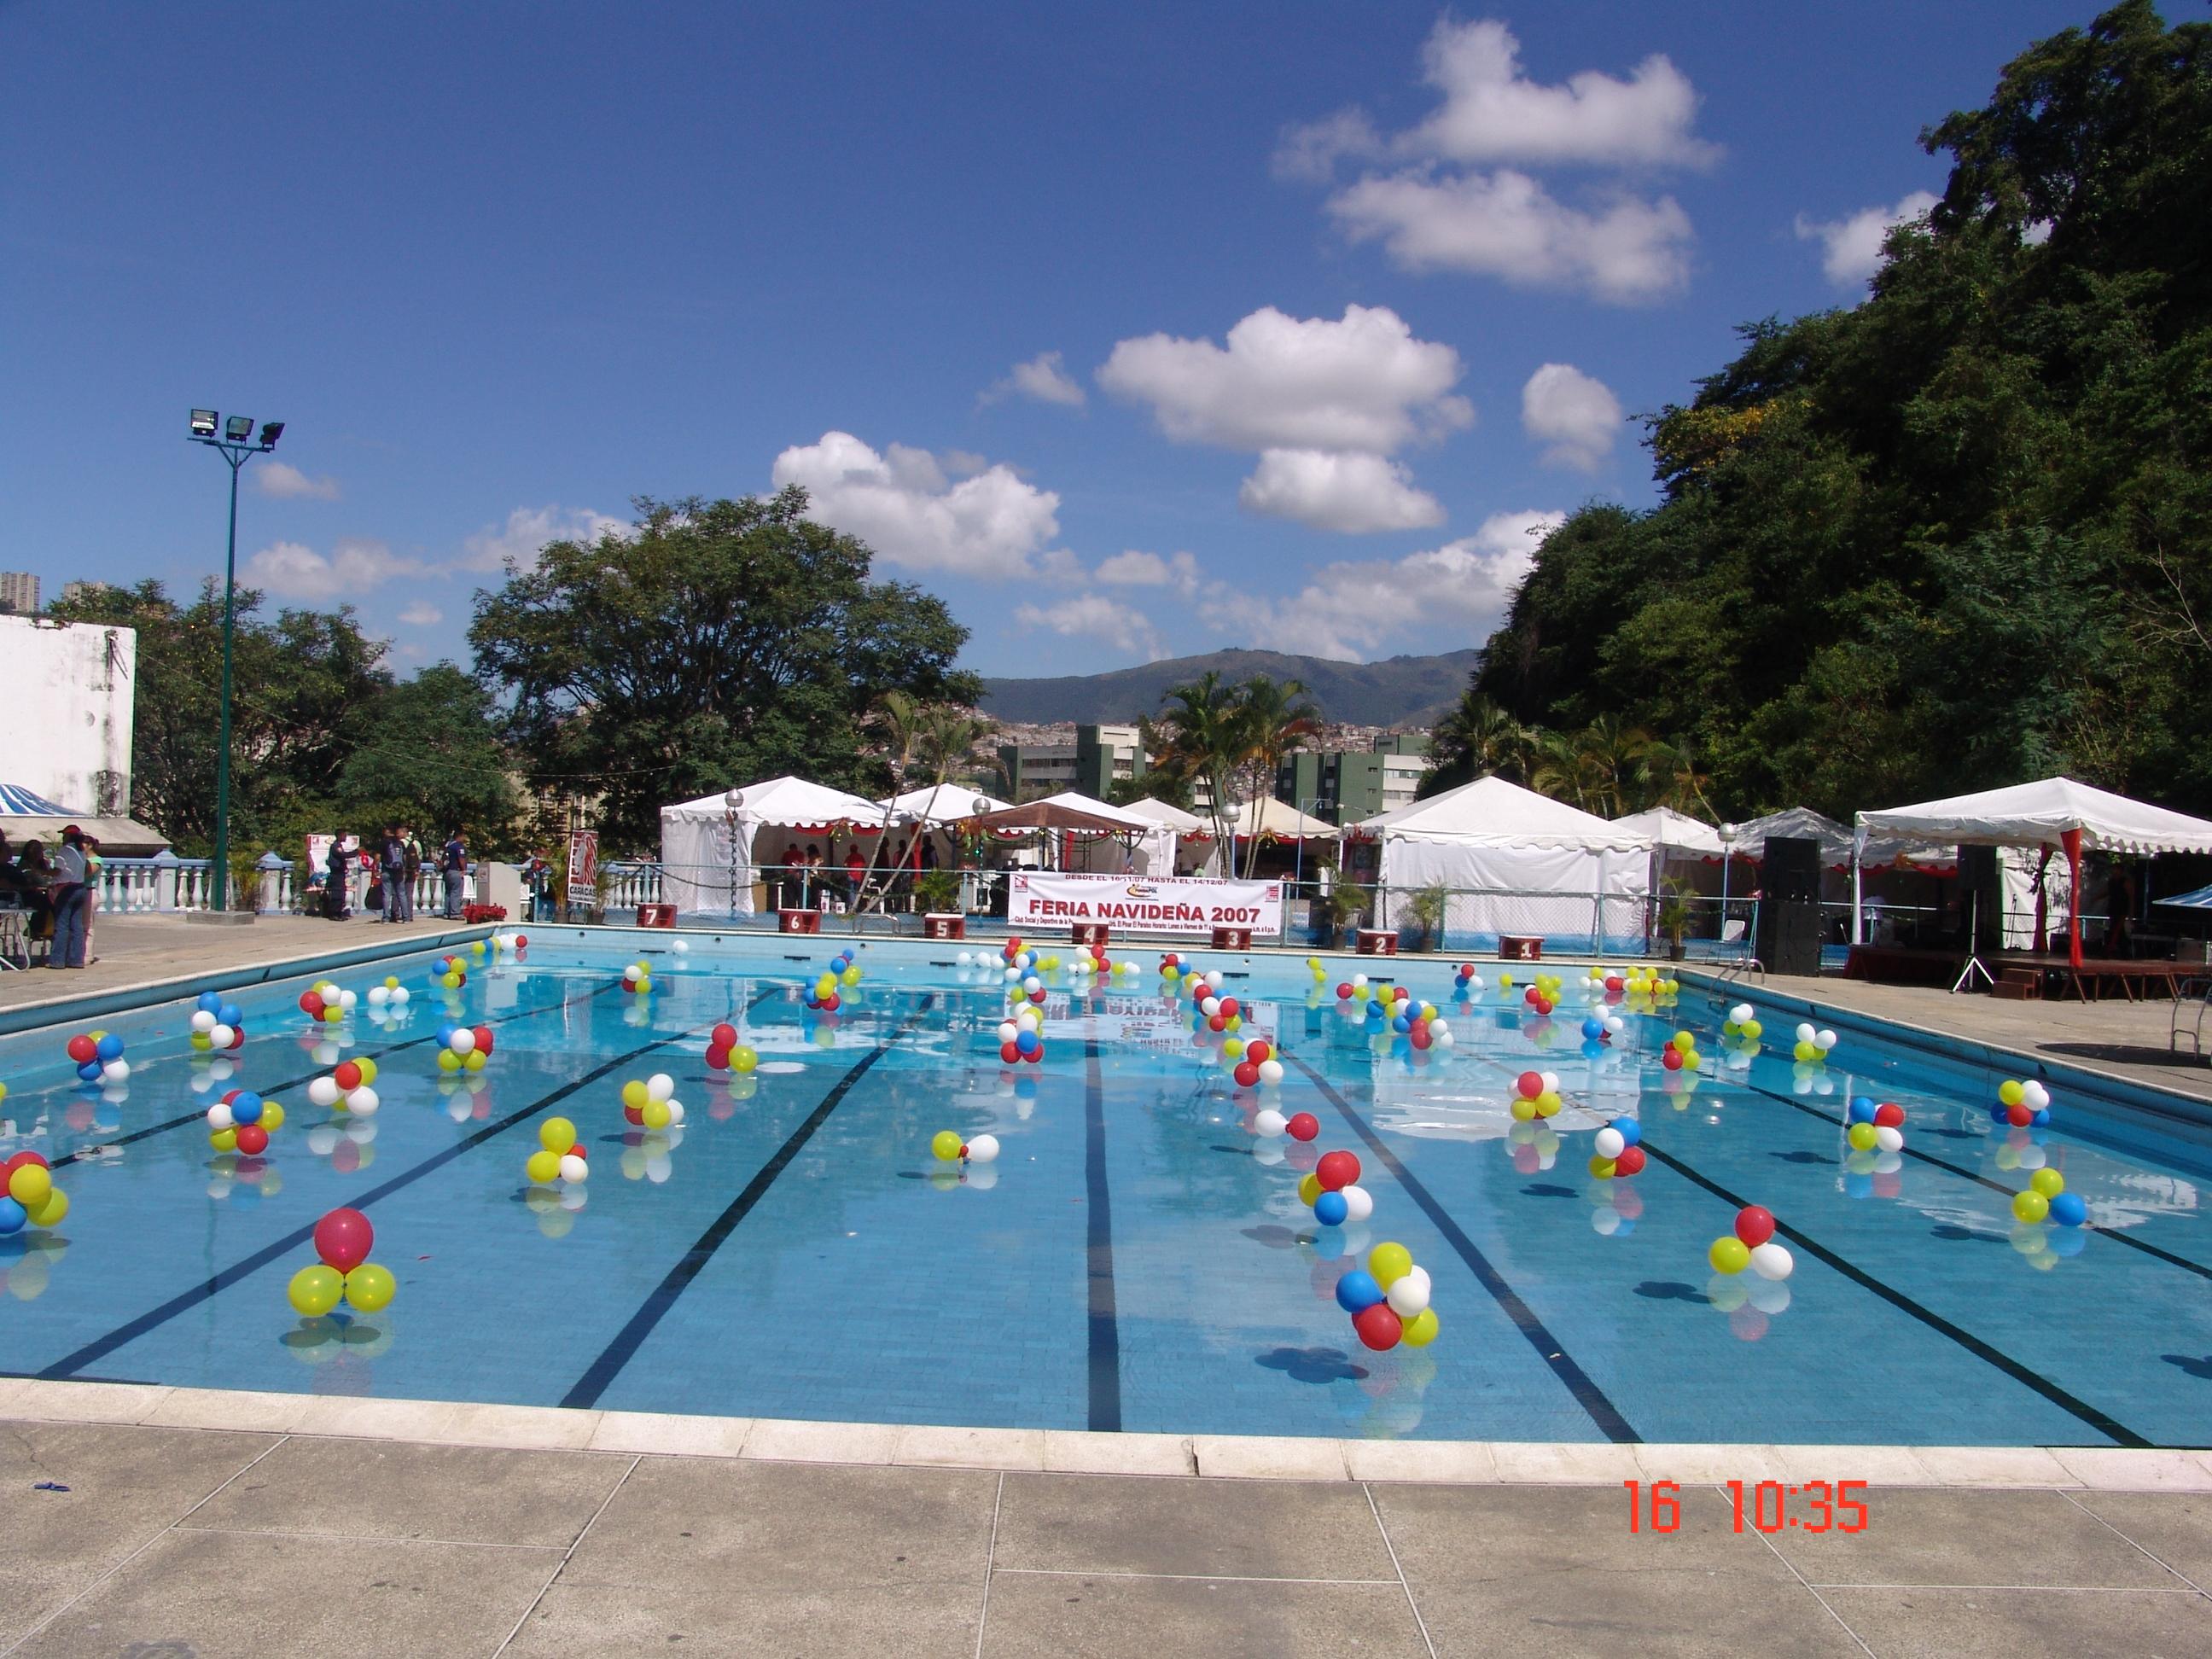 Club social y deportivo pm normas de la piscina for Normas de piscina